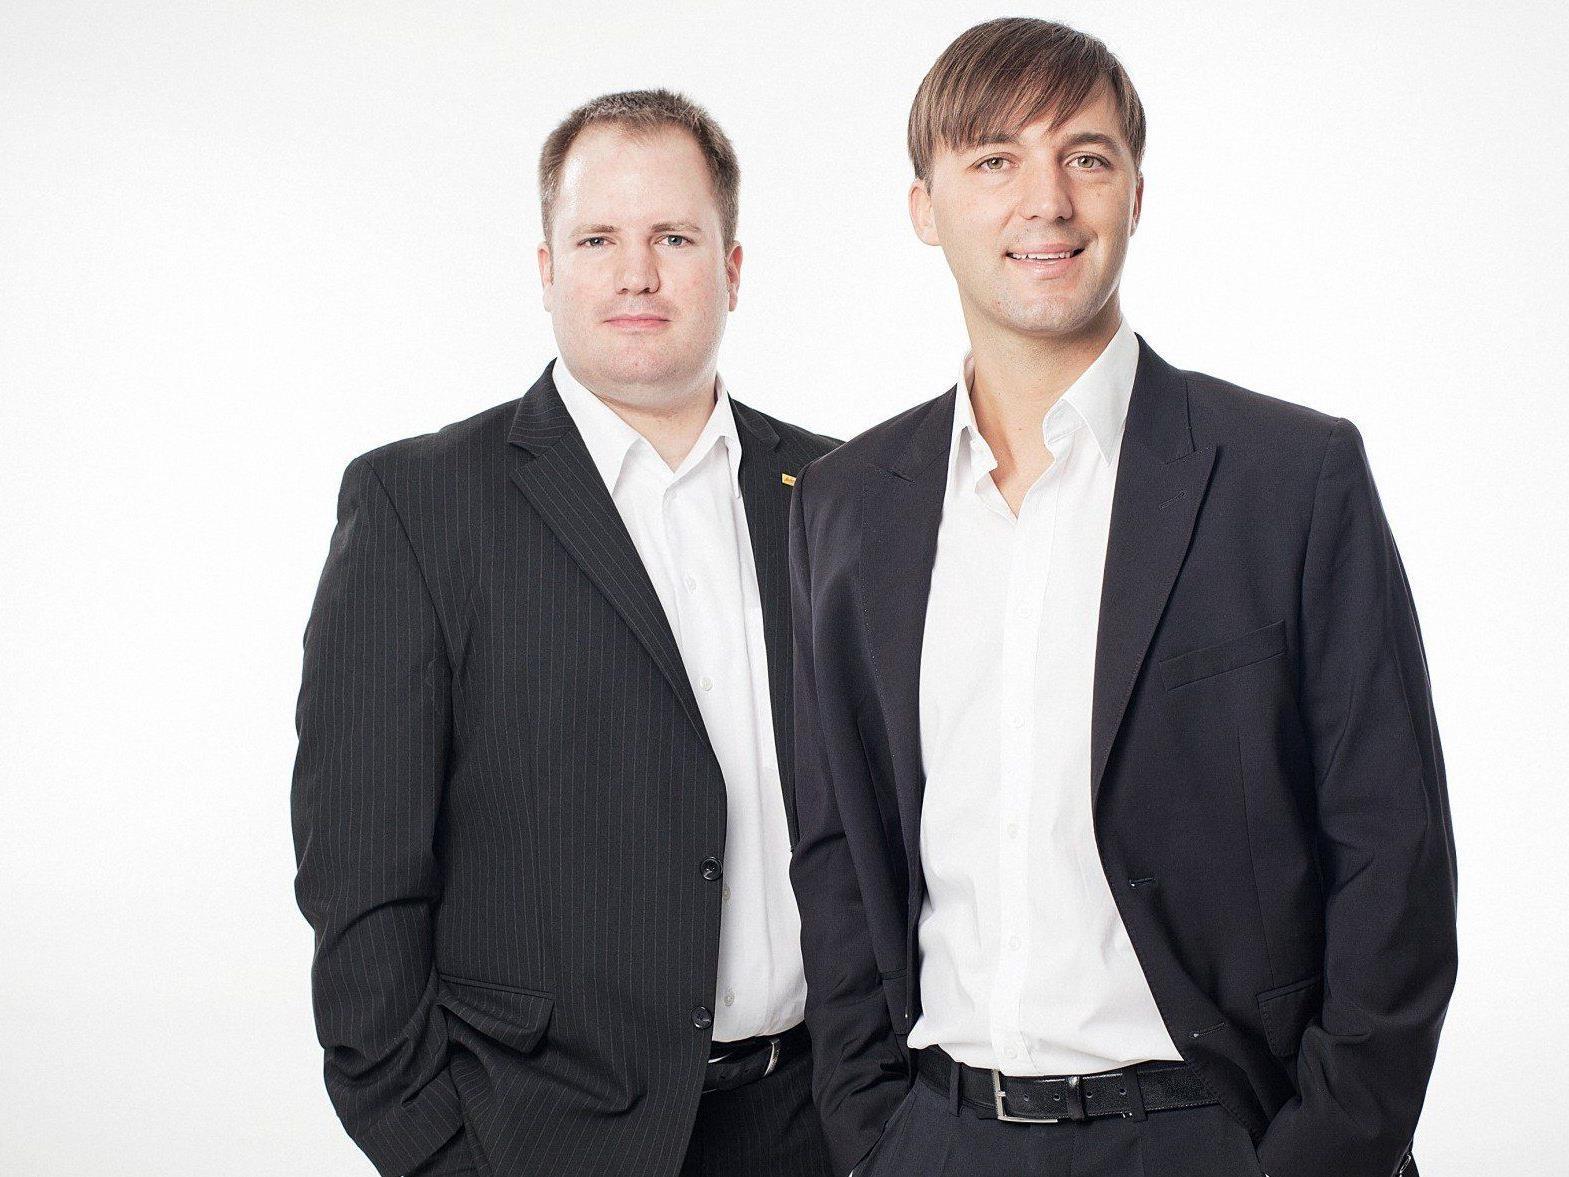 Programmchef Dirk Klee und Geschäftsführer Mario Mally